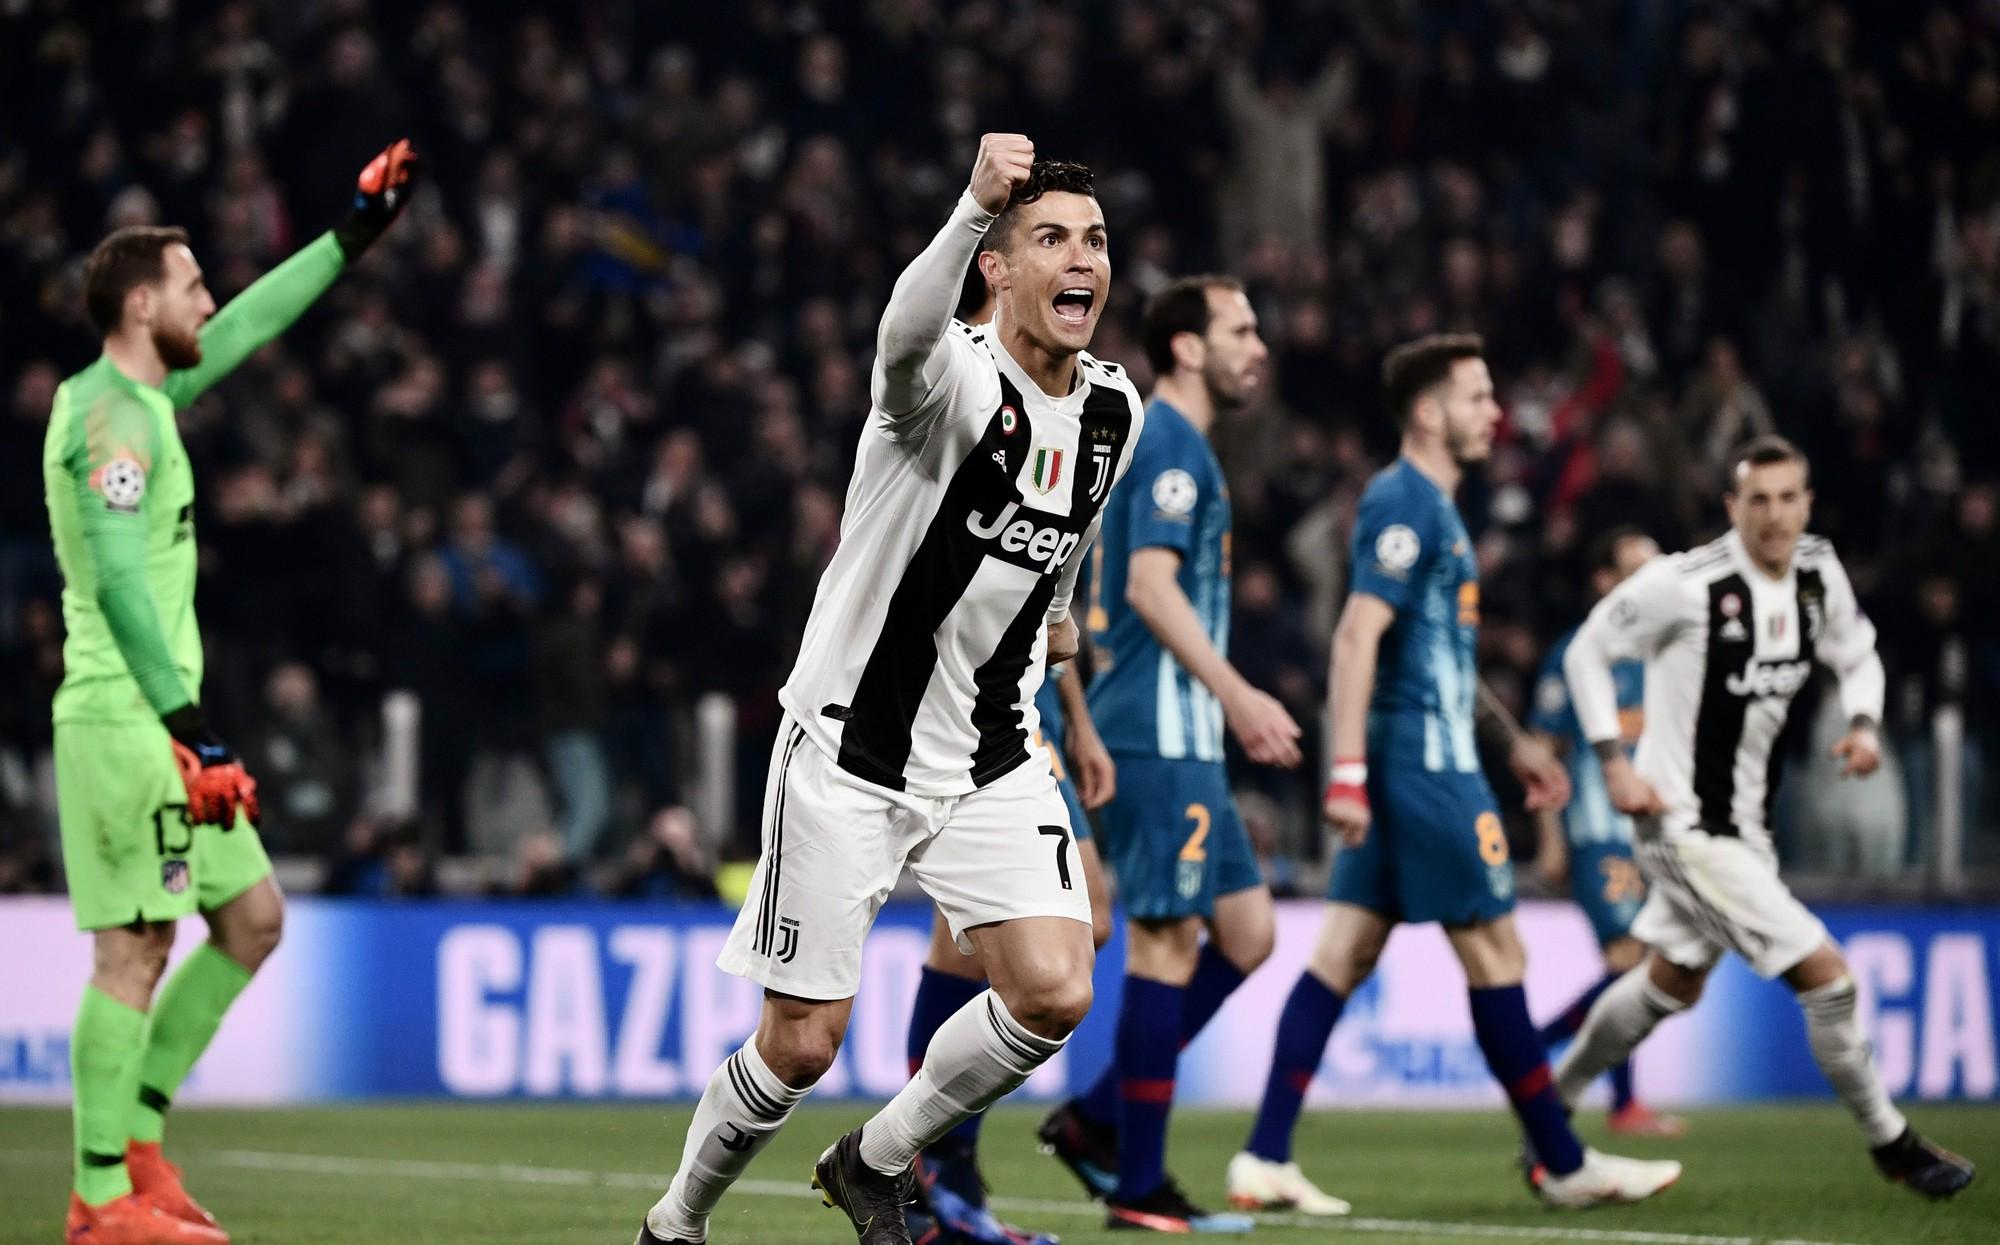 Đánh bại kình địch Messi, Ronaldo trở thành vận động viên nổi tiếng nhất năm